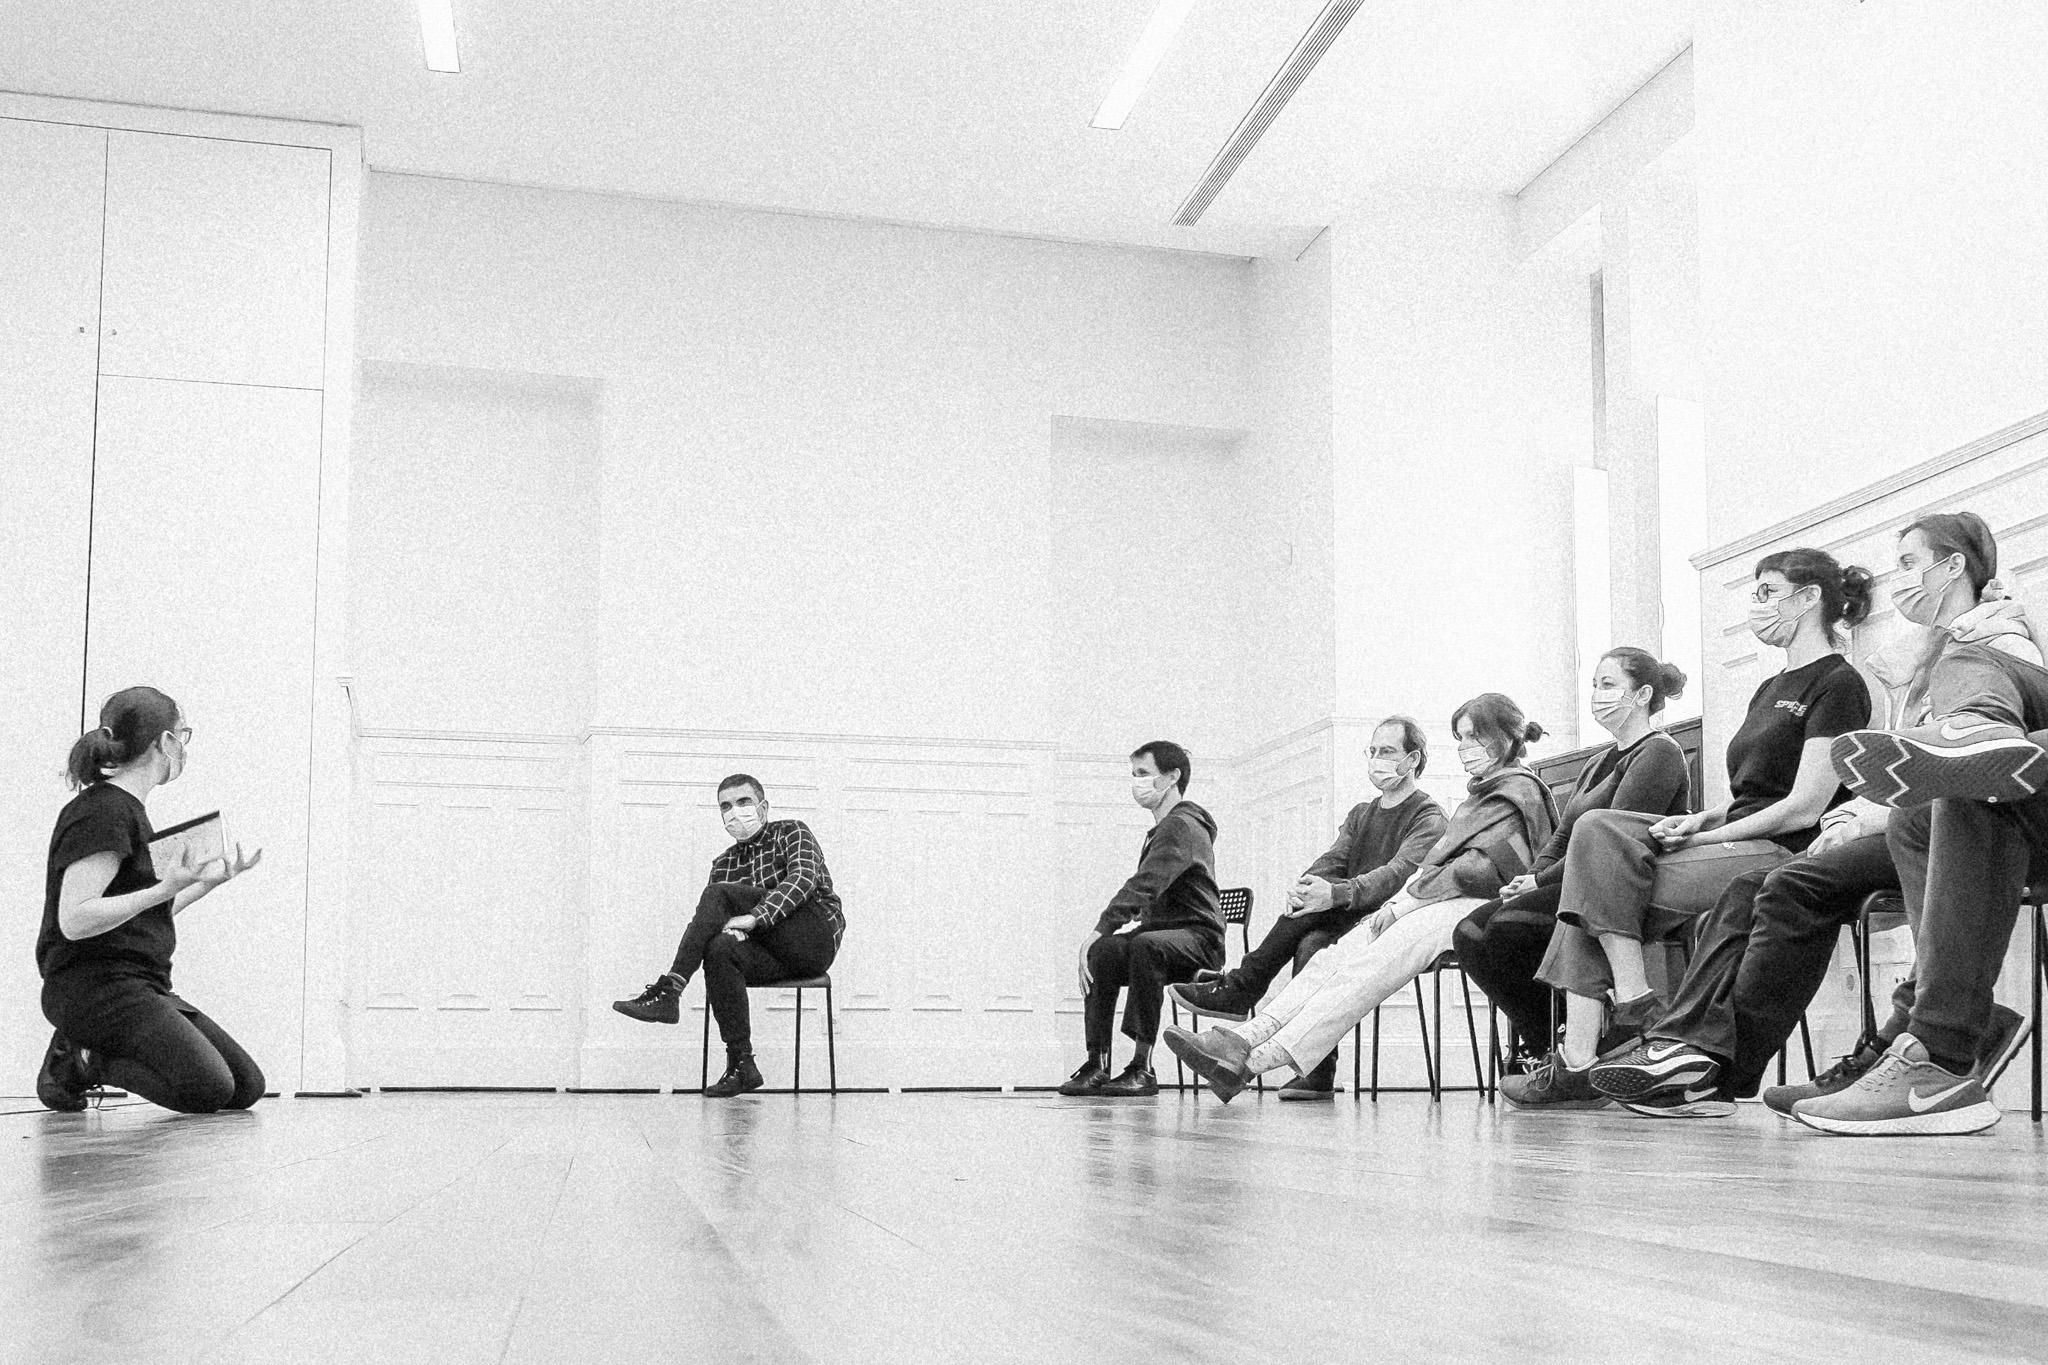 Oficinal Teatral – Improvisação III